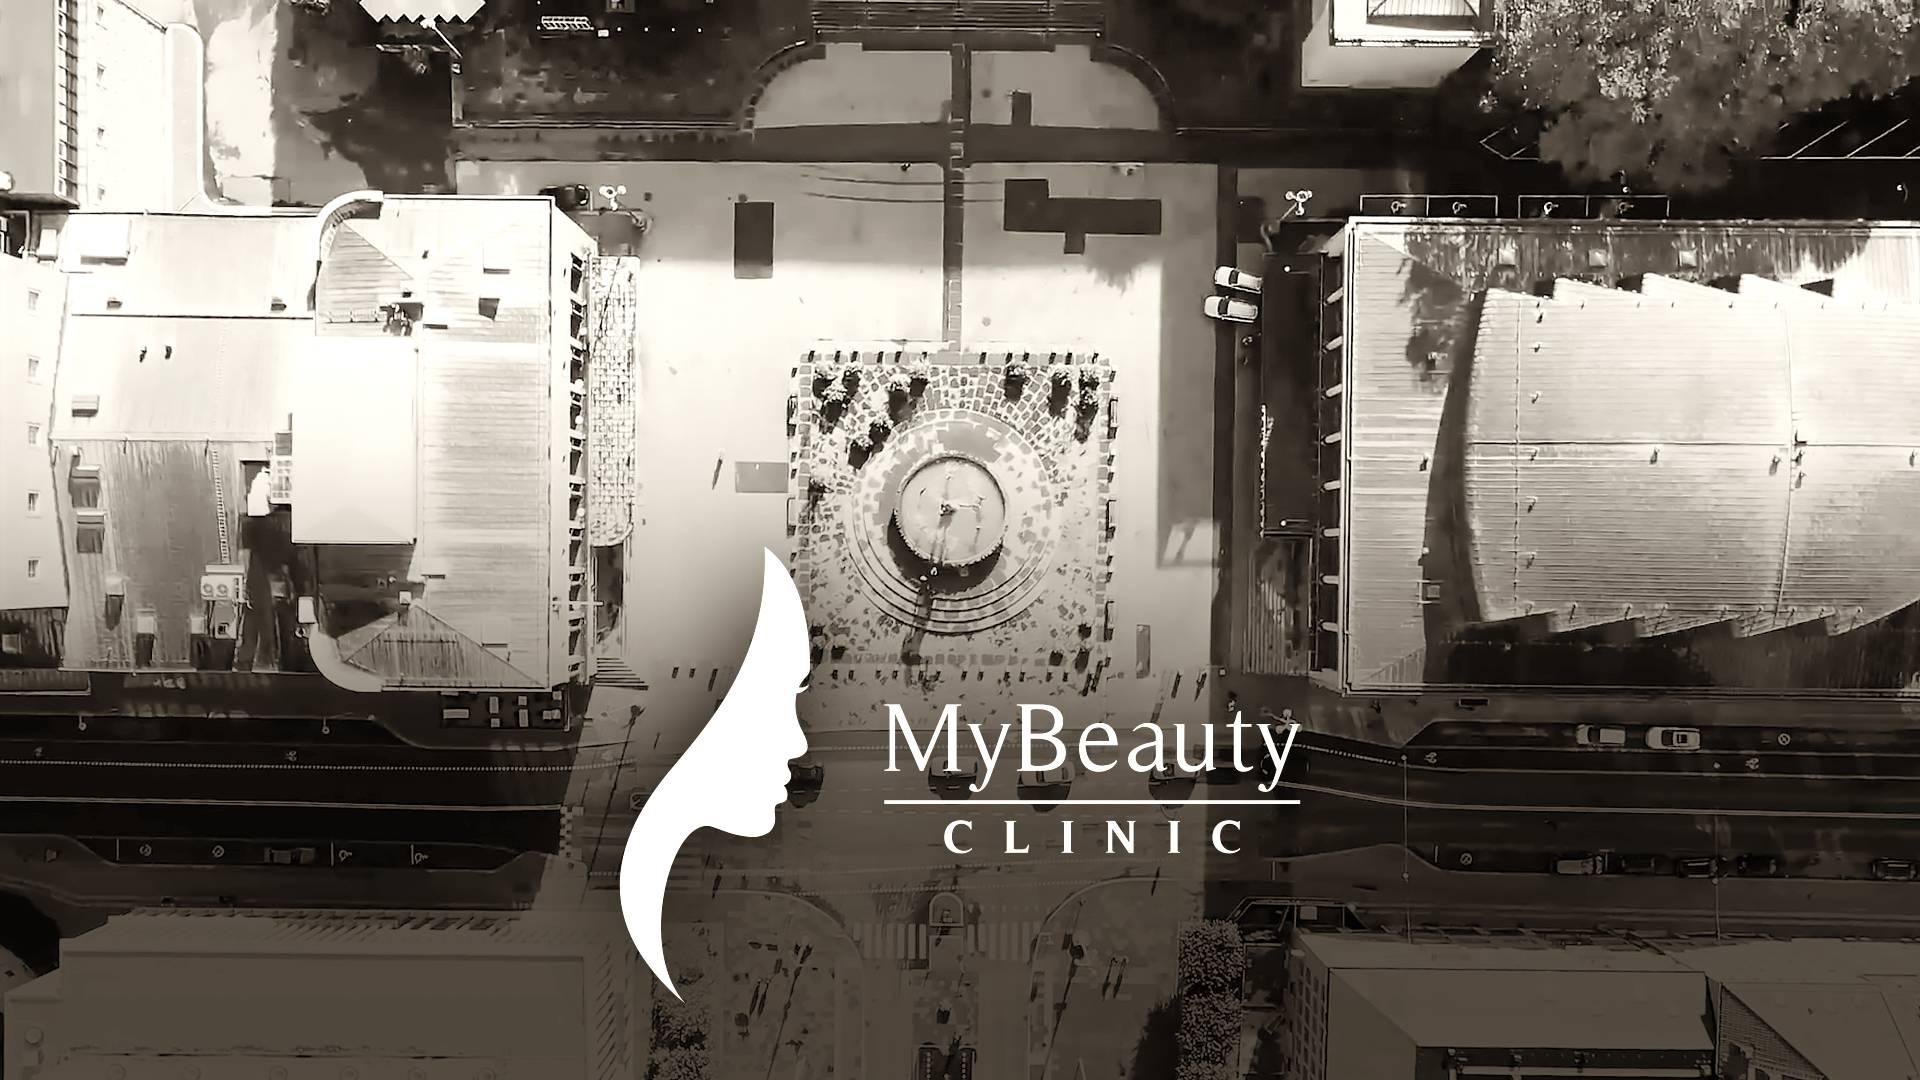 MyBeauty Clinic Göteborg